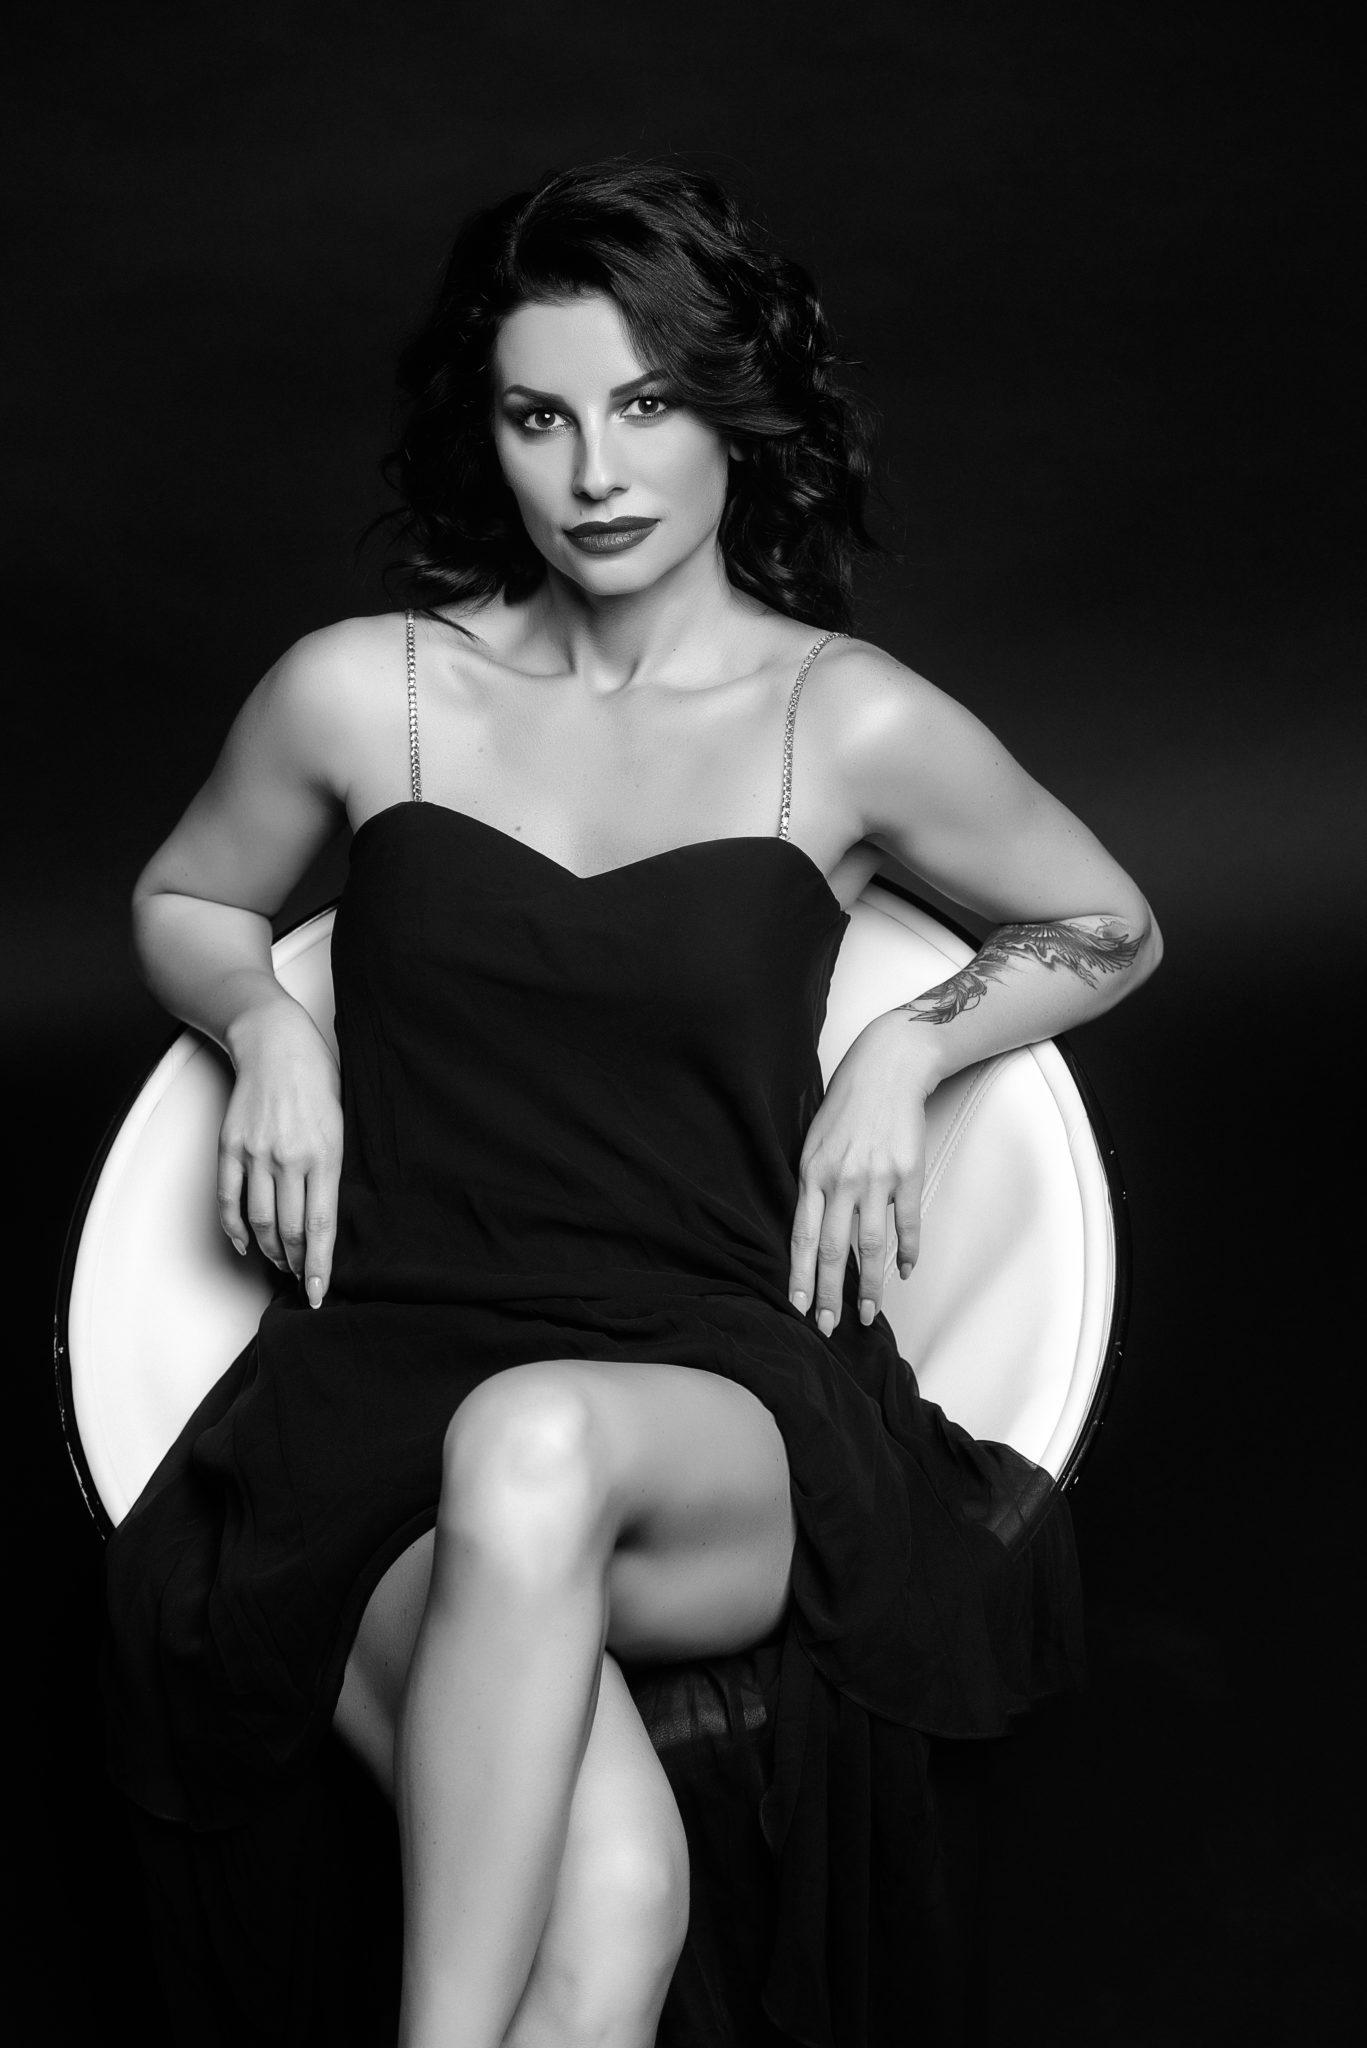 Фотосессия Премиум, чб, модель, девушка в платье, на черном фоне сидит в черно-белом кресле лицом к фотографу